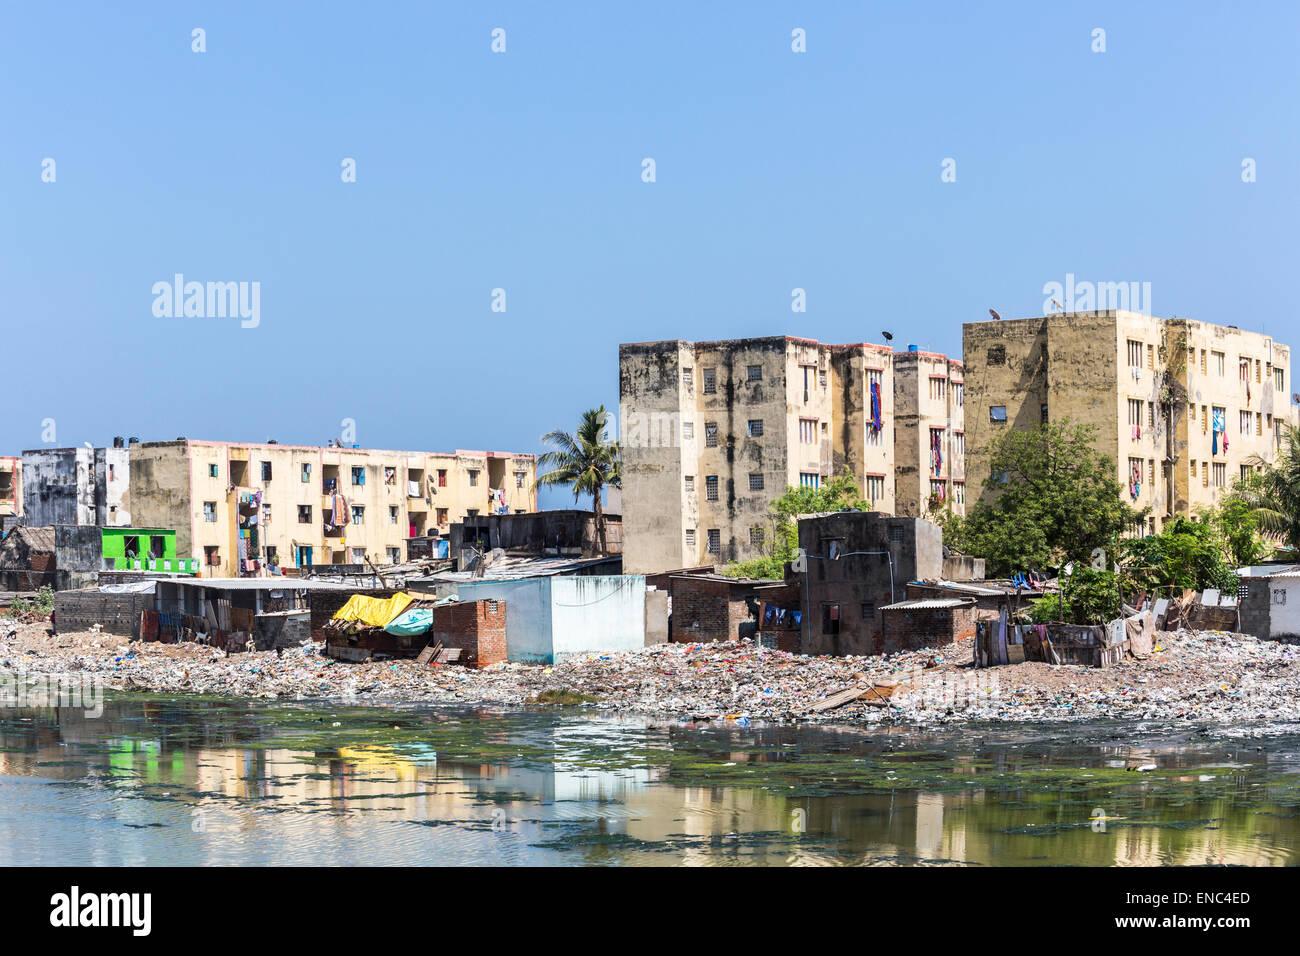 La povertà del Terzo mondo lifestyle: baraccopoli e blocchi di appartamenti sulle rive del inquinato Adyar Immagini Stock